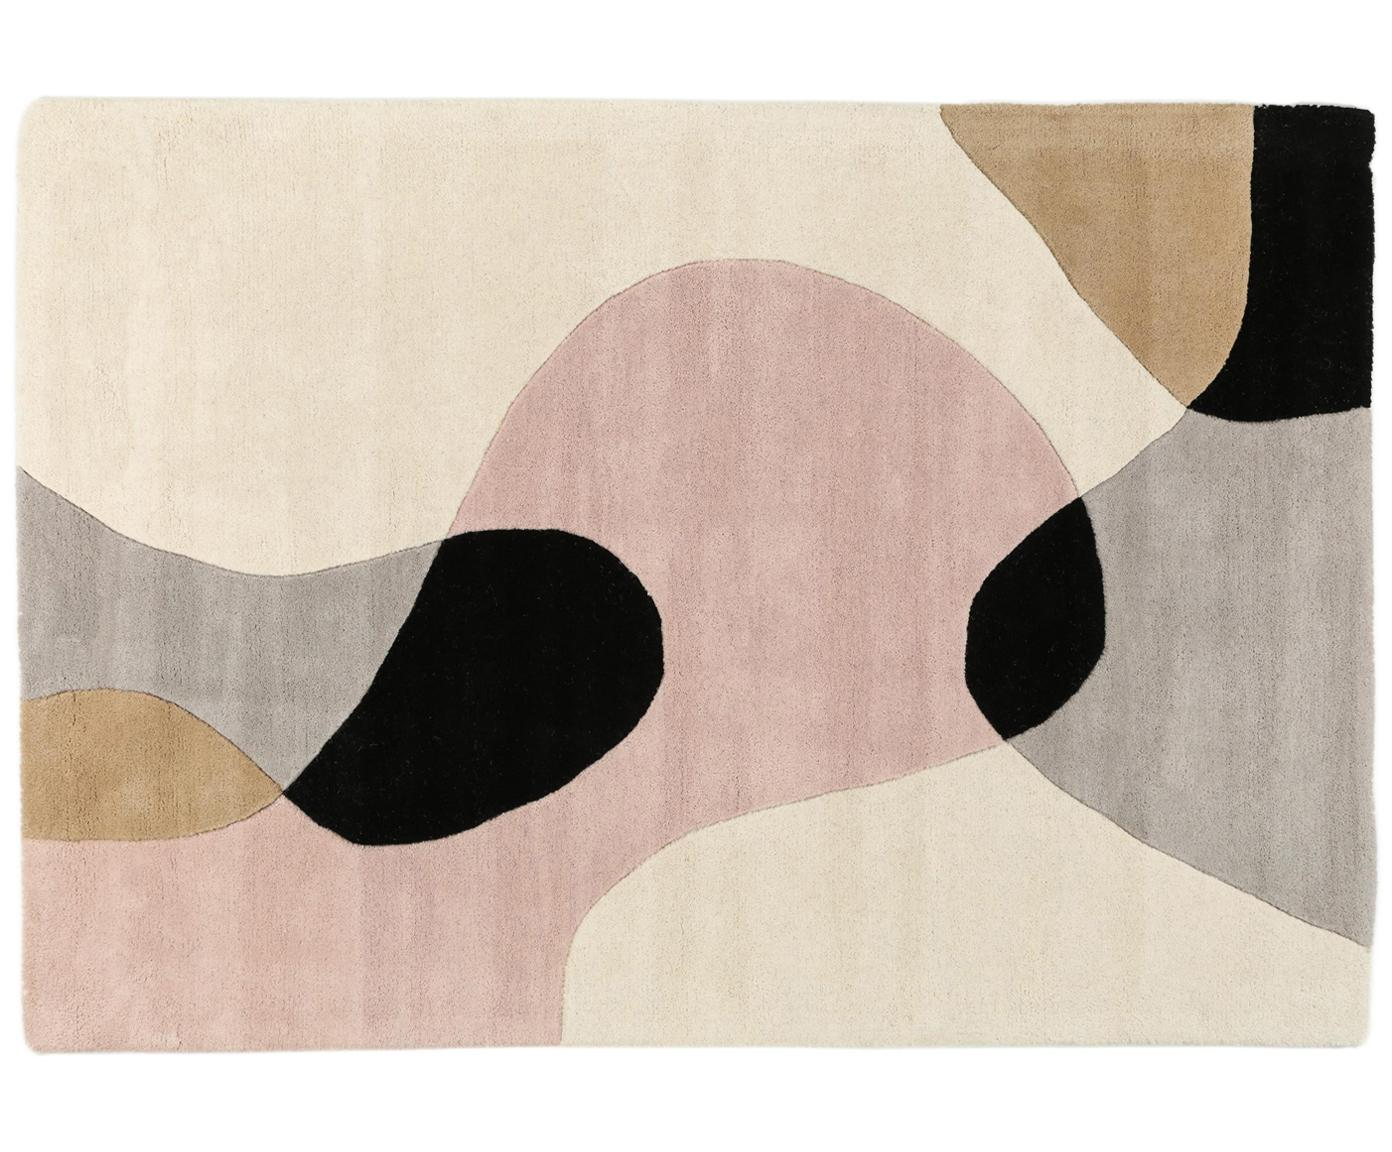 Handgetufteter Wollteppich Matrix Arc mit geometrischem Muster, Flor: 100% Wolle, Beigetöne, Rosa, Hellgrau, Schwarz, B 120 x L 170 cm (Größe S)